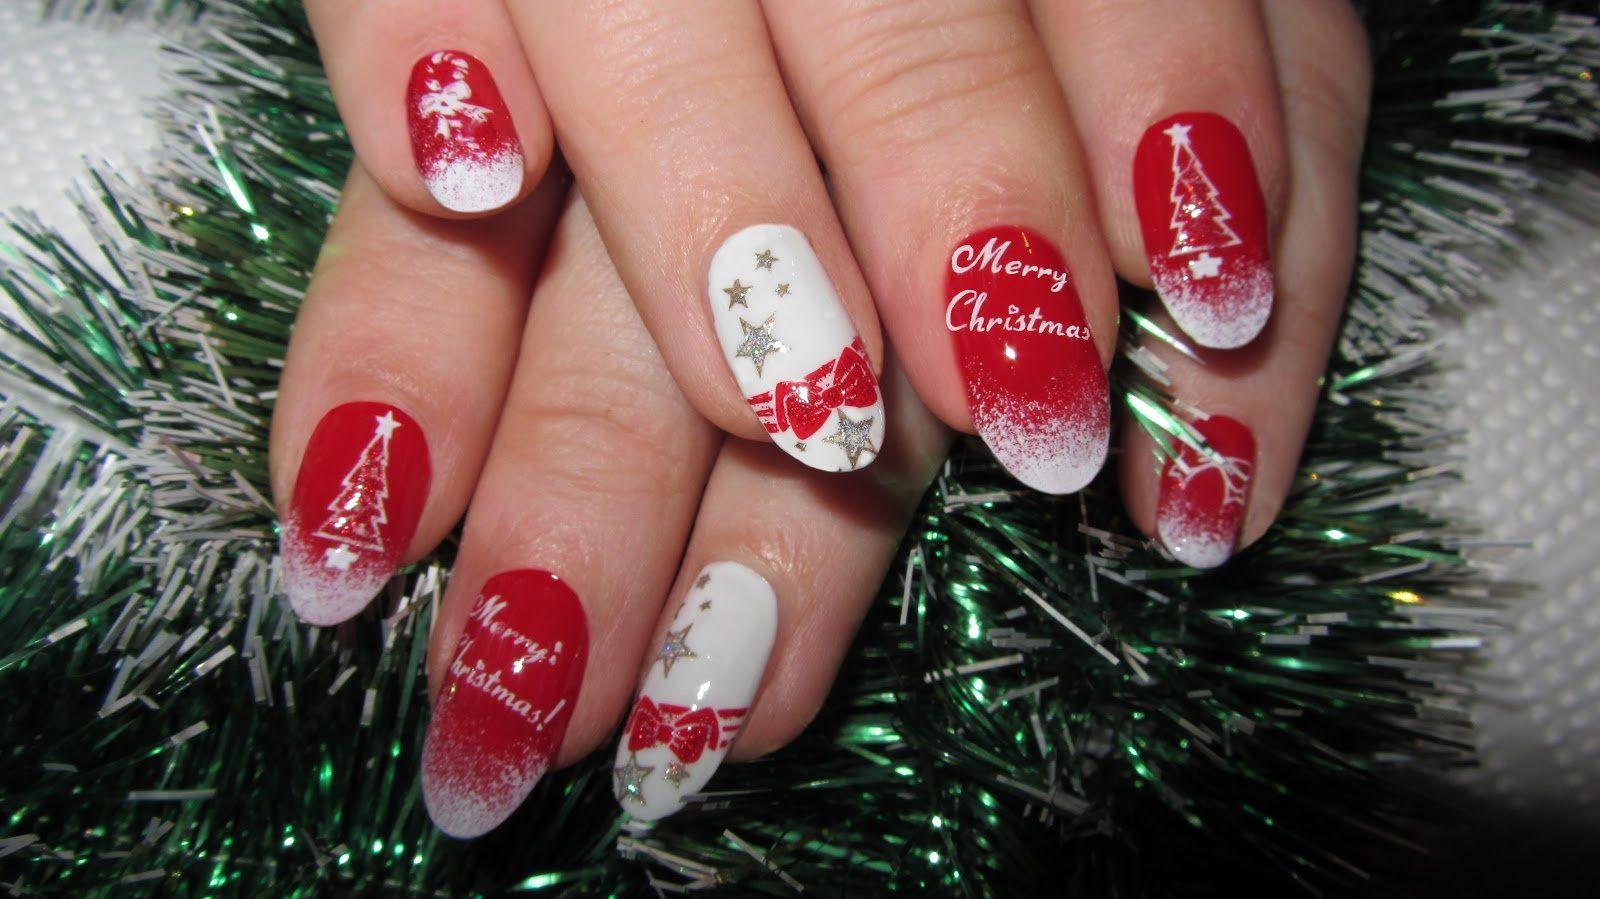 Что можно нарисовать на ногтях, получив идеальный новогодний маникюр , узнаем ниже.